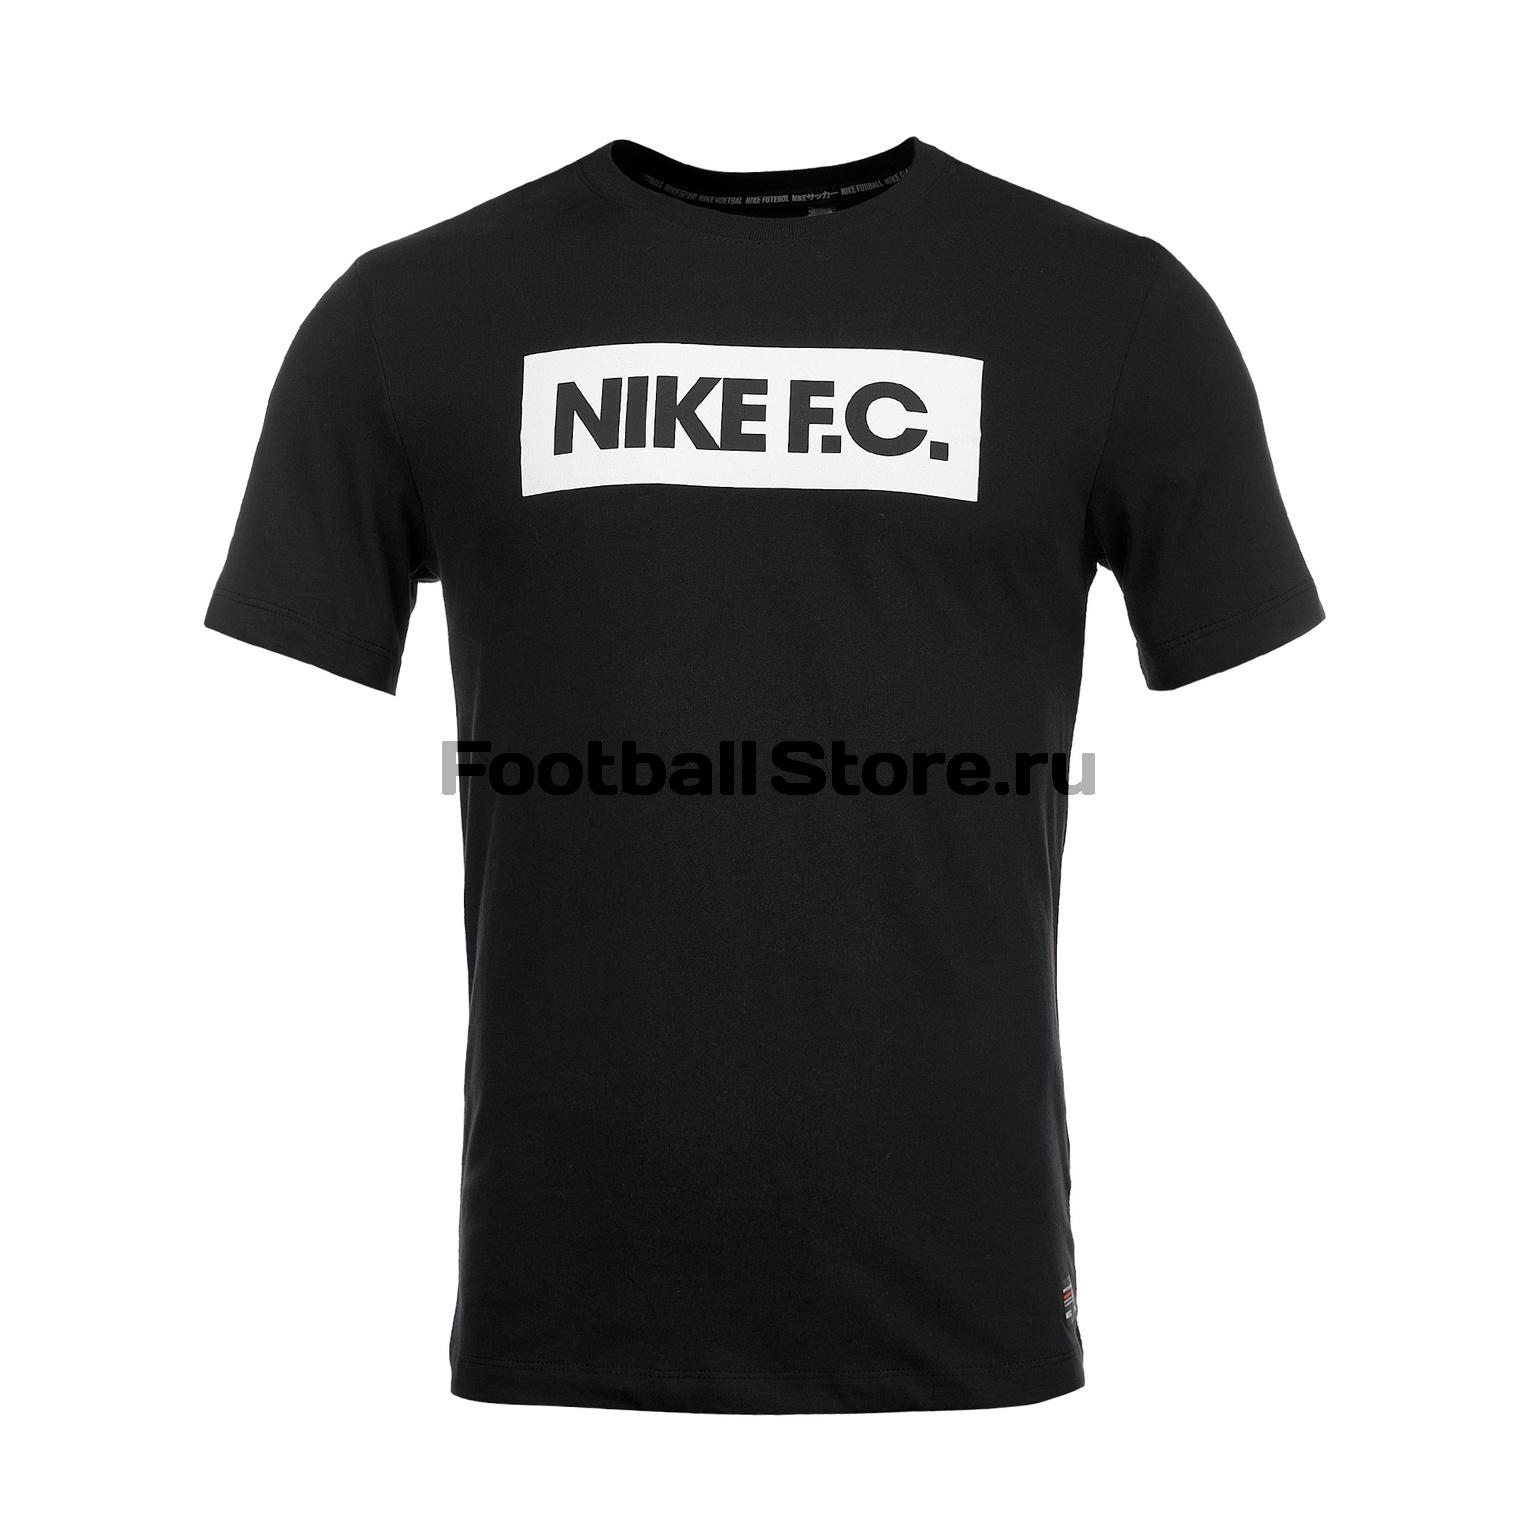 Футболка Nike F.С. Dry Tee Seasonal Block AJ7413-010 недорго, оригинальная цена